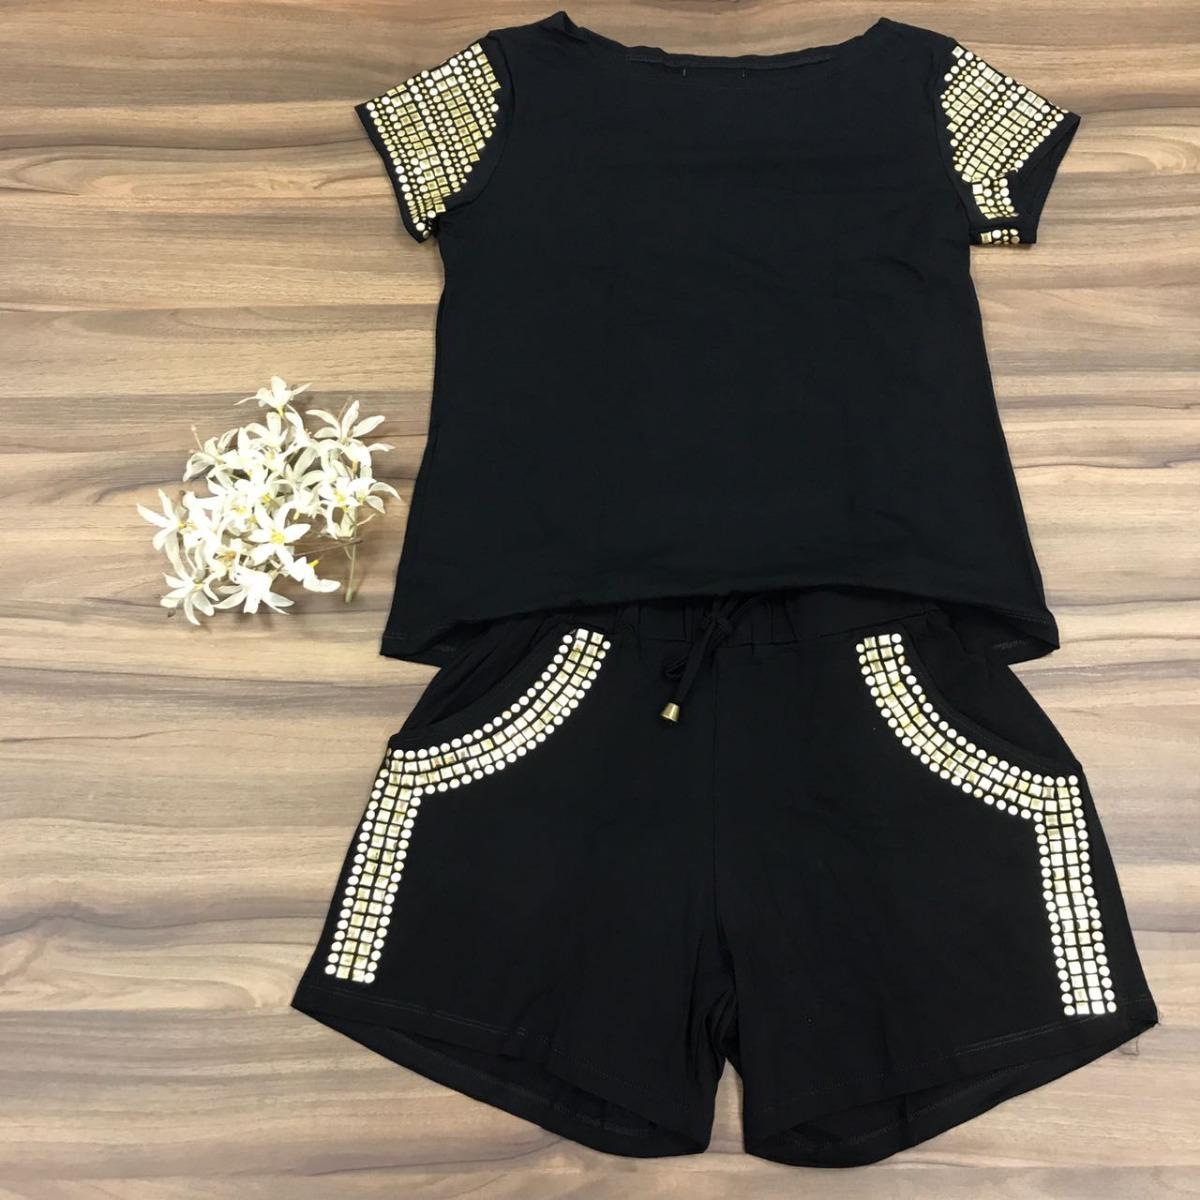 2bb55db5d7 roupas femininas moda feminina conjunto pedraria verão 2018. Carregando  zoom.